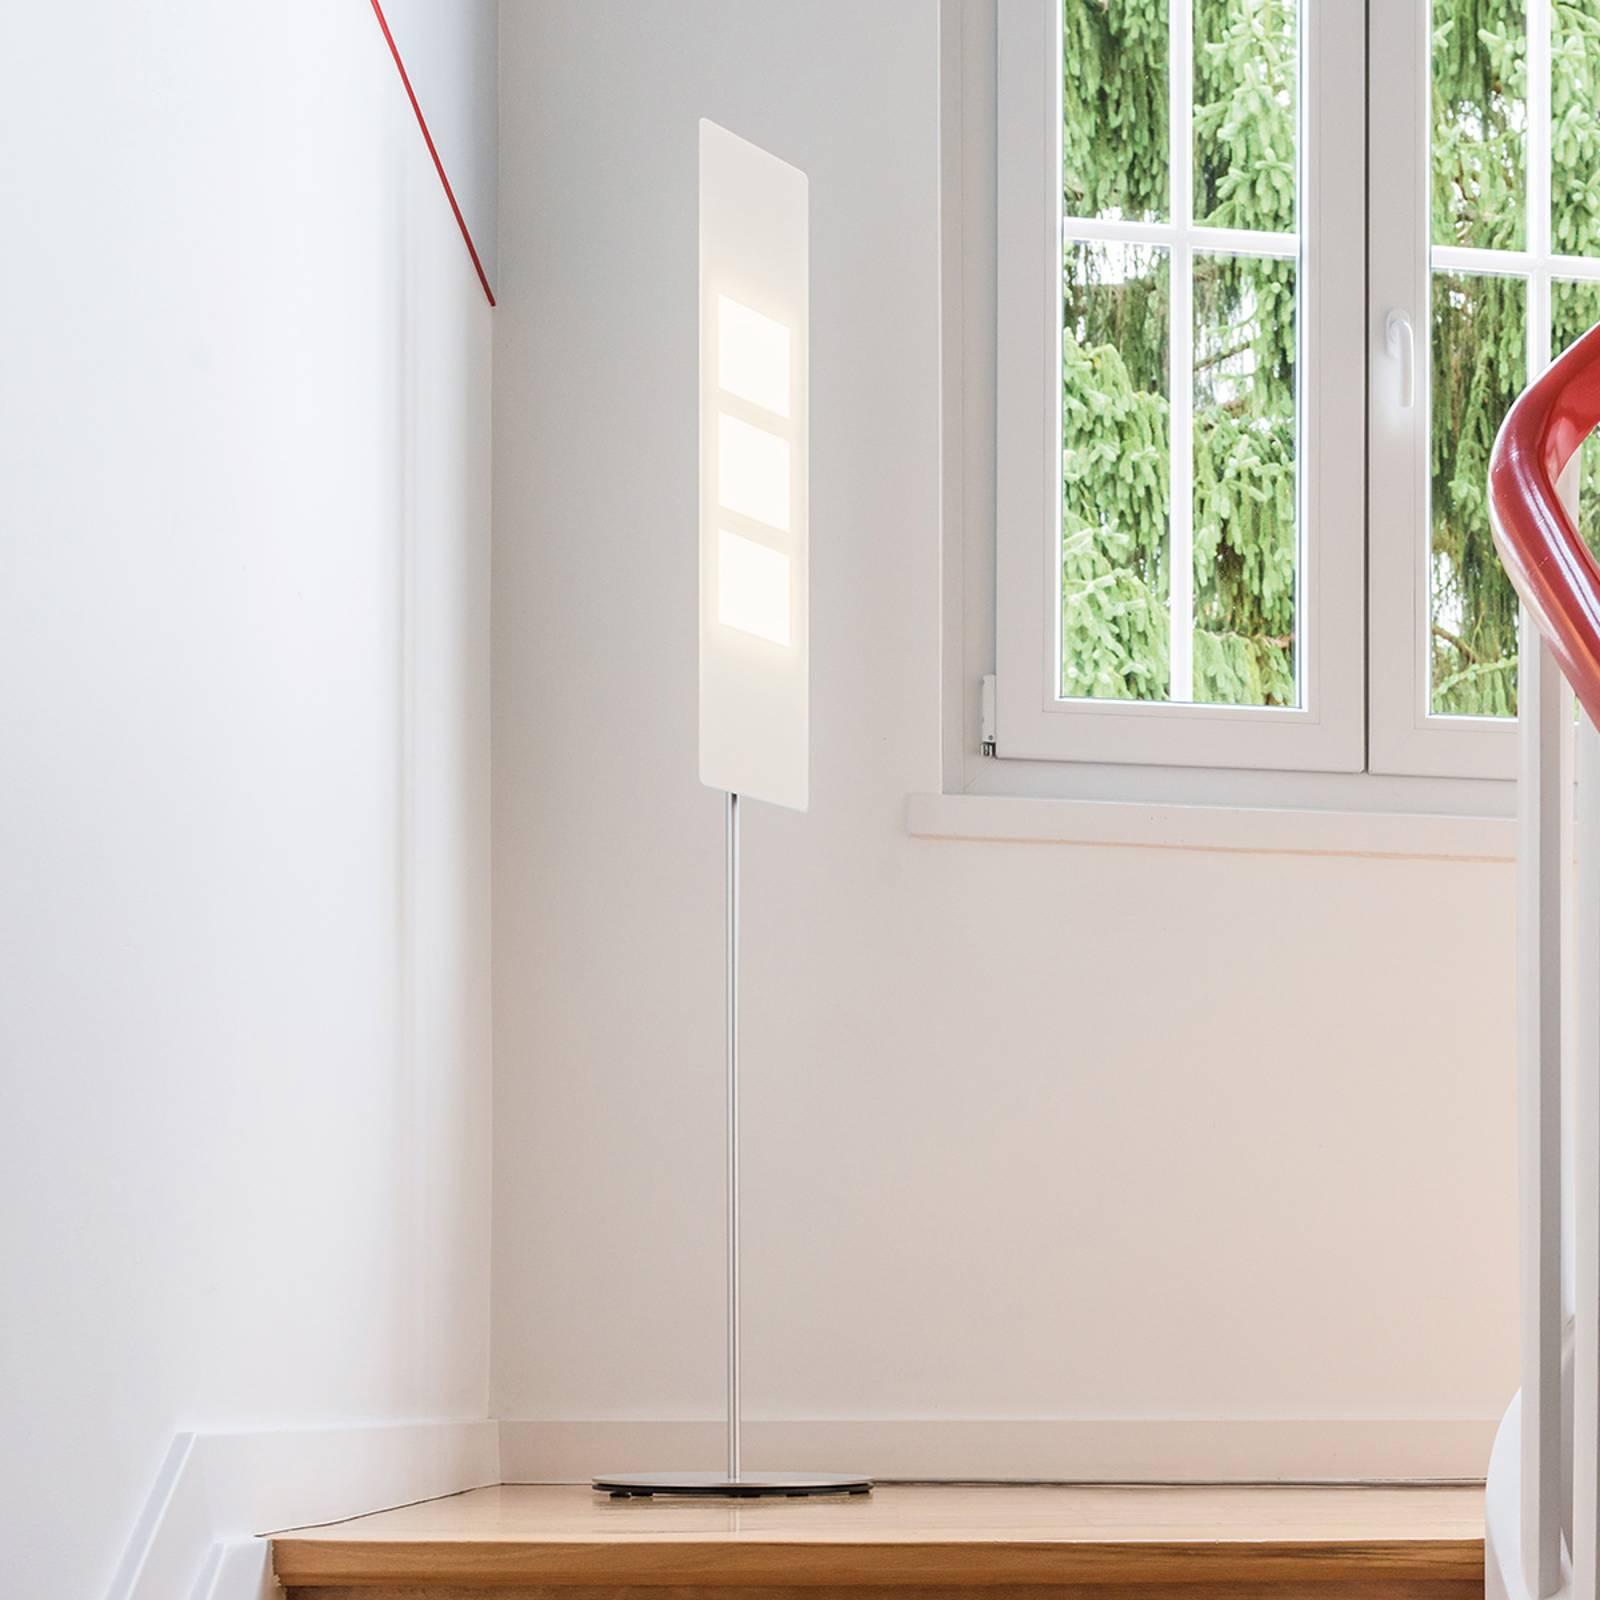 OMLED One f3l - valkoinen OLED-lattiavalaisin